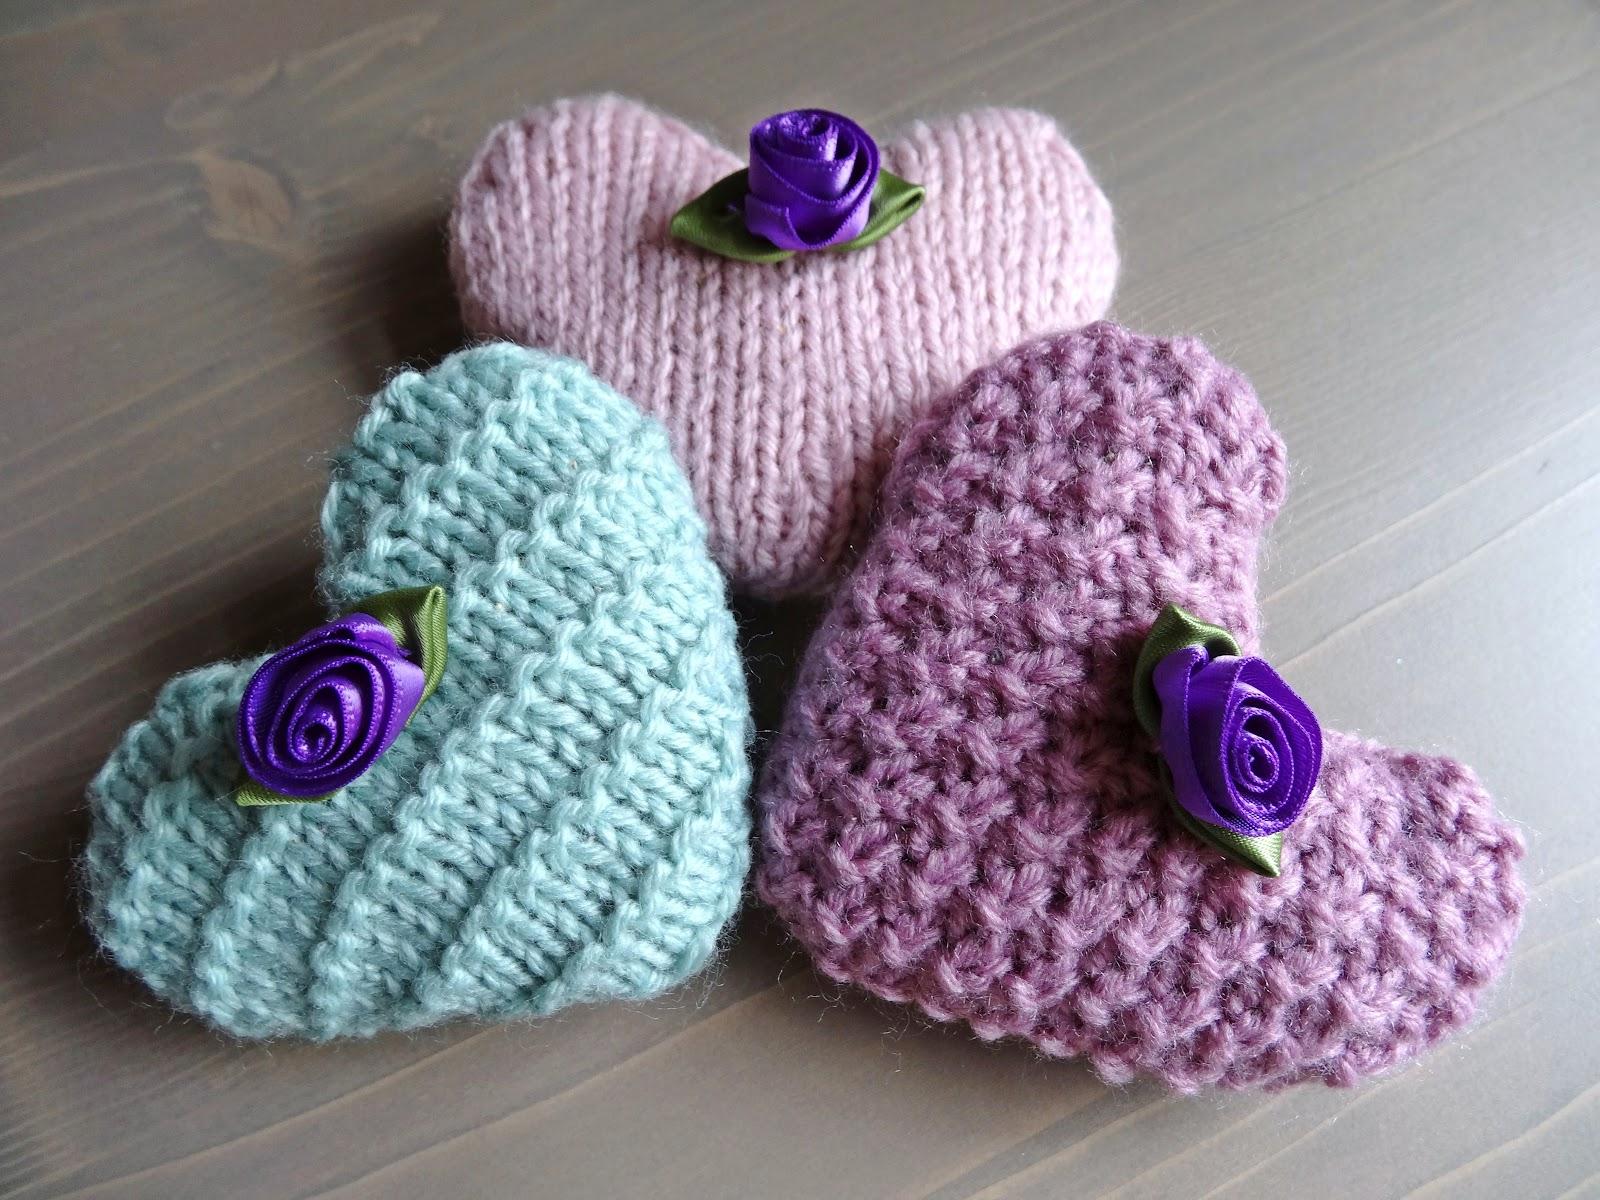 The Snail Garden: Lavender Hearts